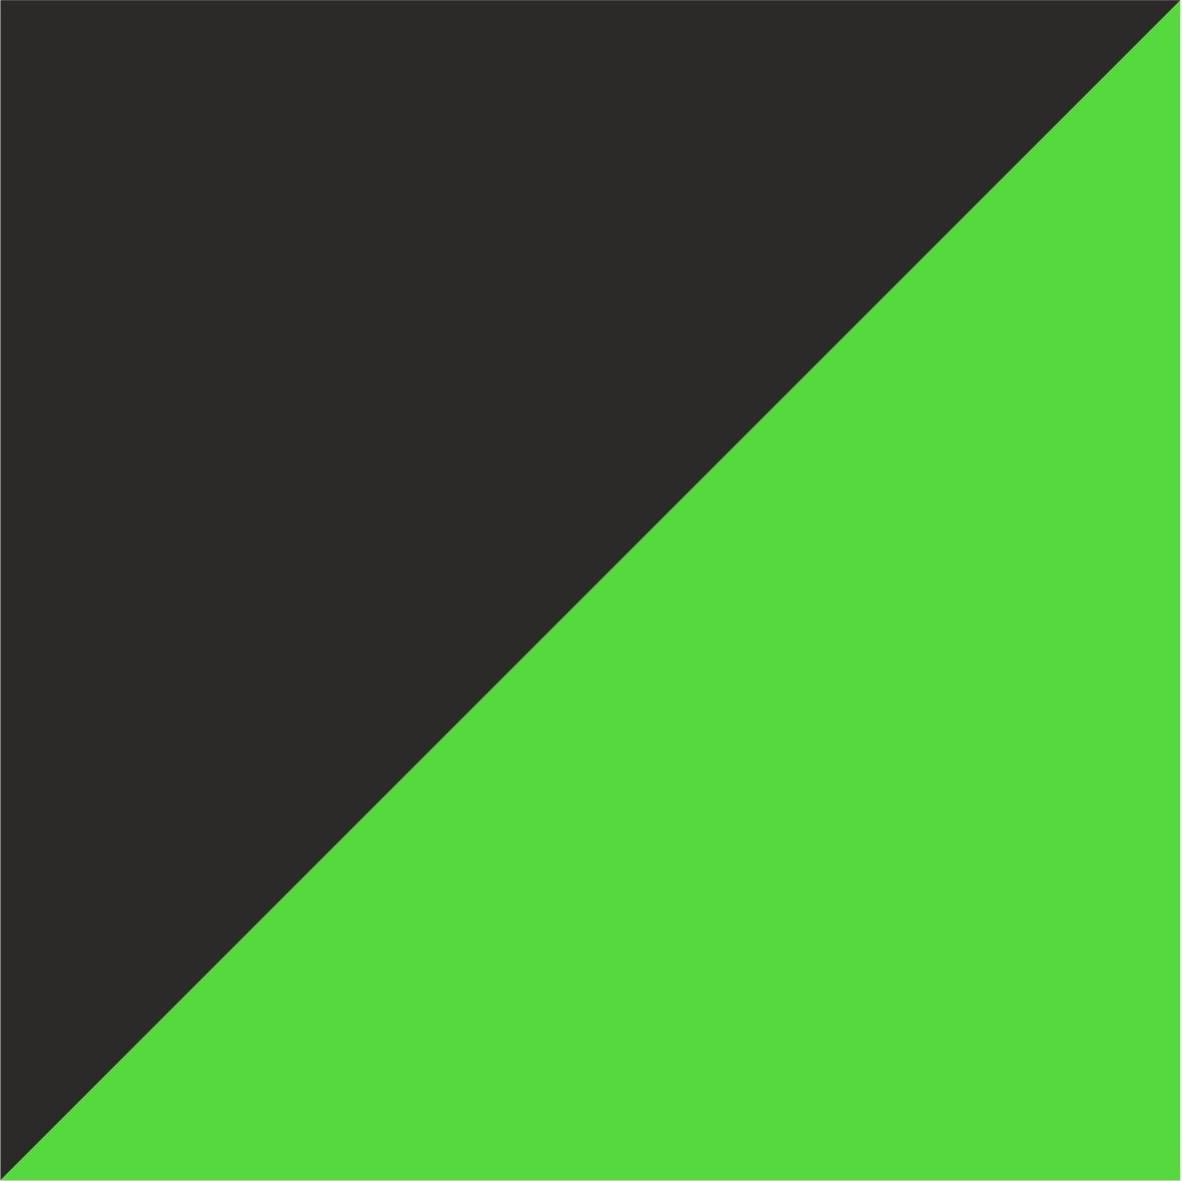 czarno-zielony neonowy